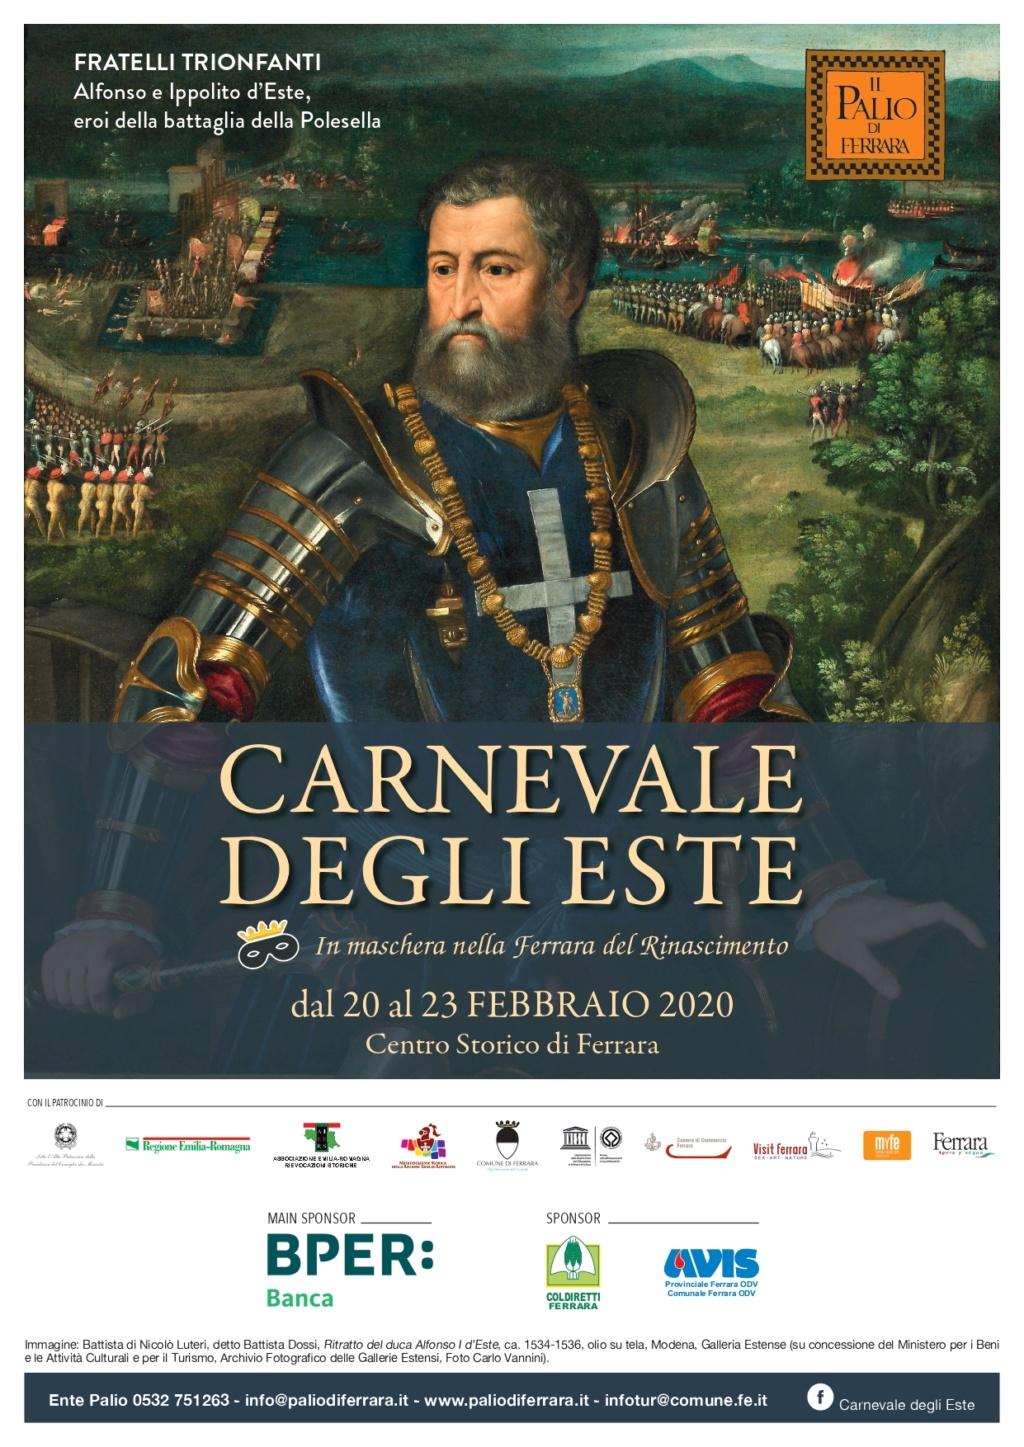 Carnevale degli Este 2020 Centro Storico Ferrara Volant11